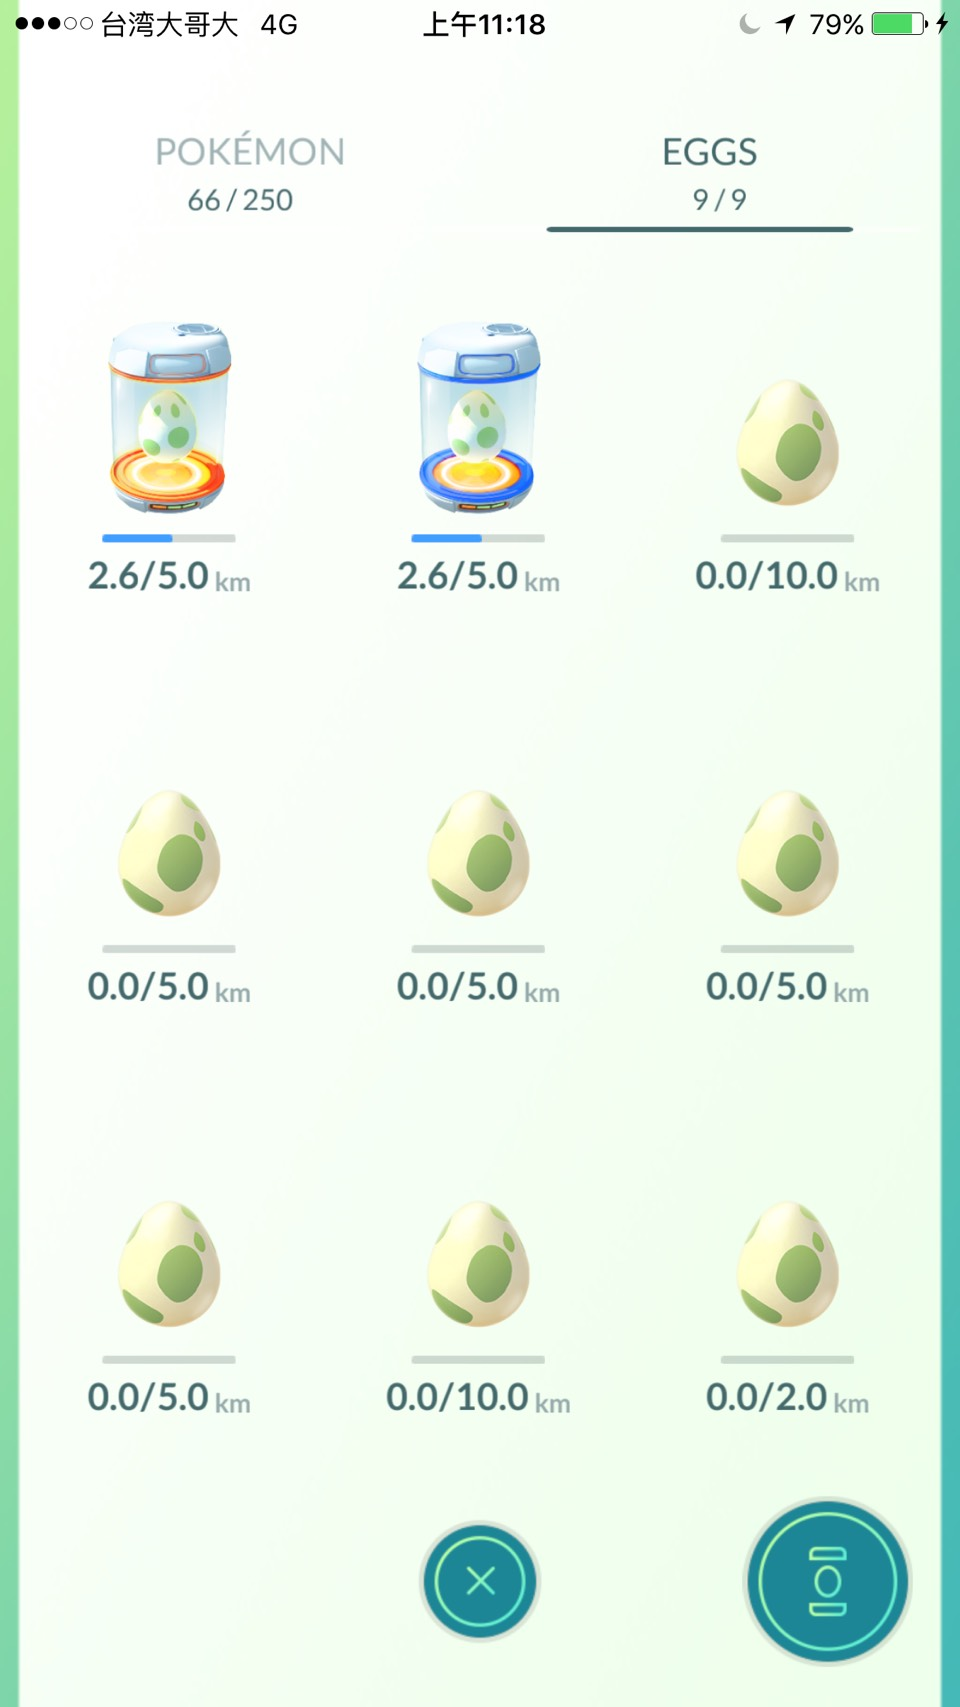 還有一個就是孵化寶貝蛋囉!這個絕對是最花時間的一個XDD因為這是真的必須要走到5公里或者是10公里寶貝蛋才能夠孵化啊!!!但小編偷偷告訴你們,騎腳踏車、或者是公車其實也可以,只要速度比較慢的話都可以計算喔!